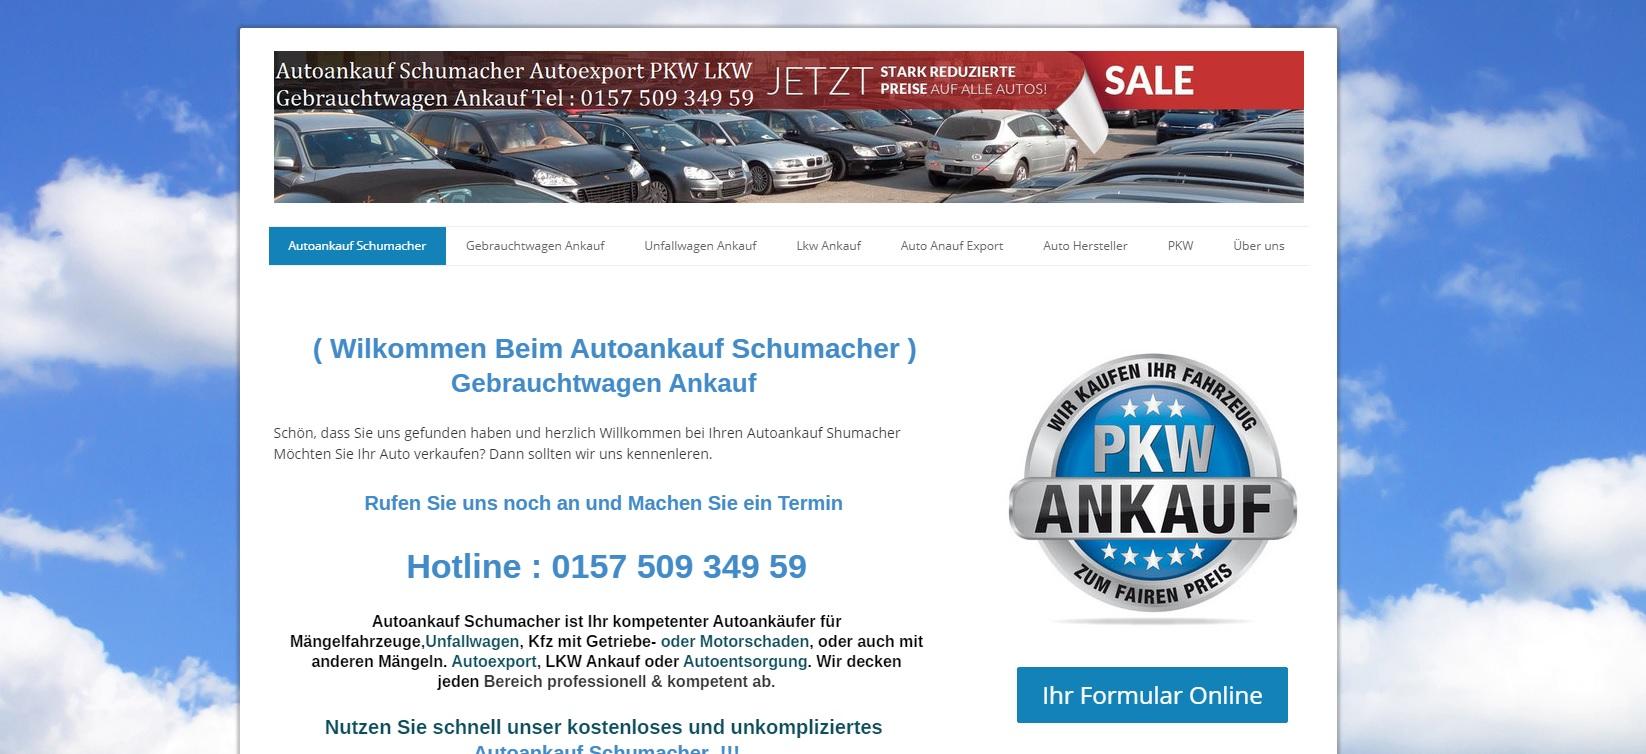 autoankauf giessen ist ihr faire partner in sachen autoankauf - Autoankauf Gießen ist ihr faire Partner in Sachen Autoankauf